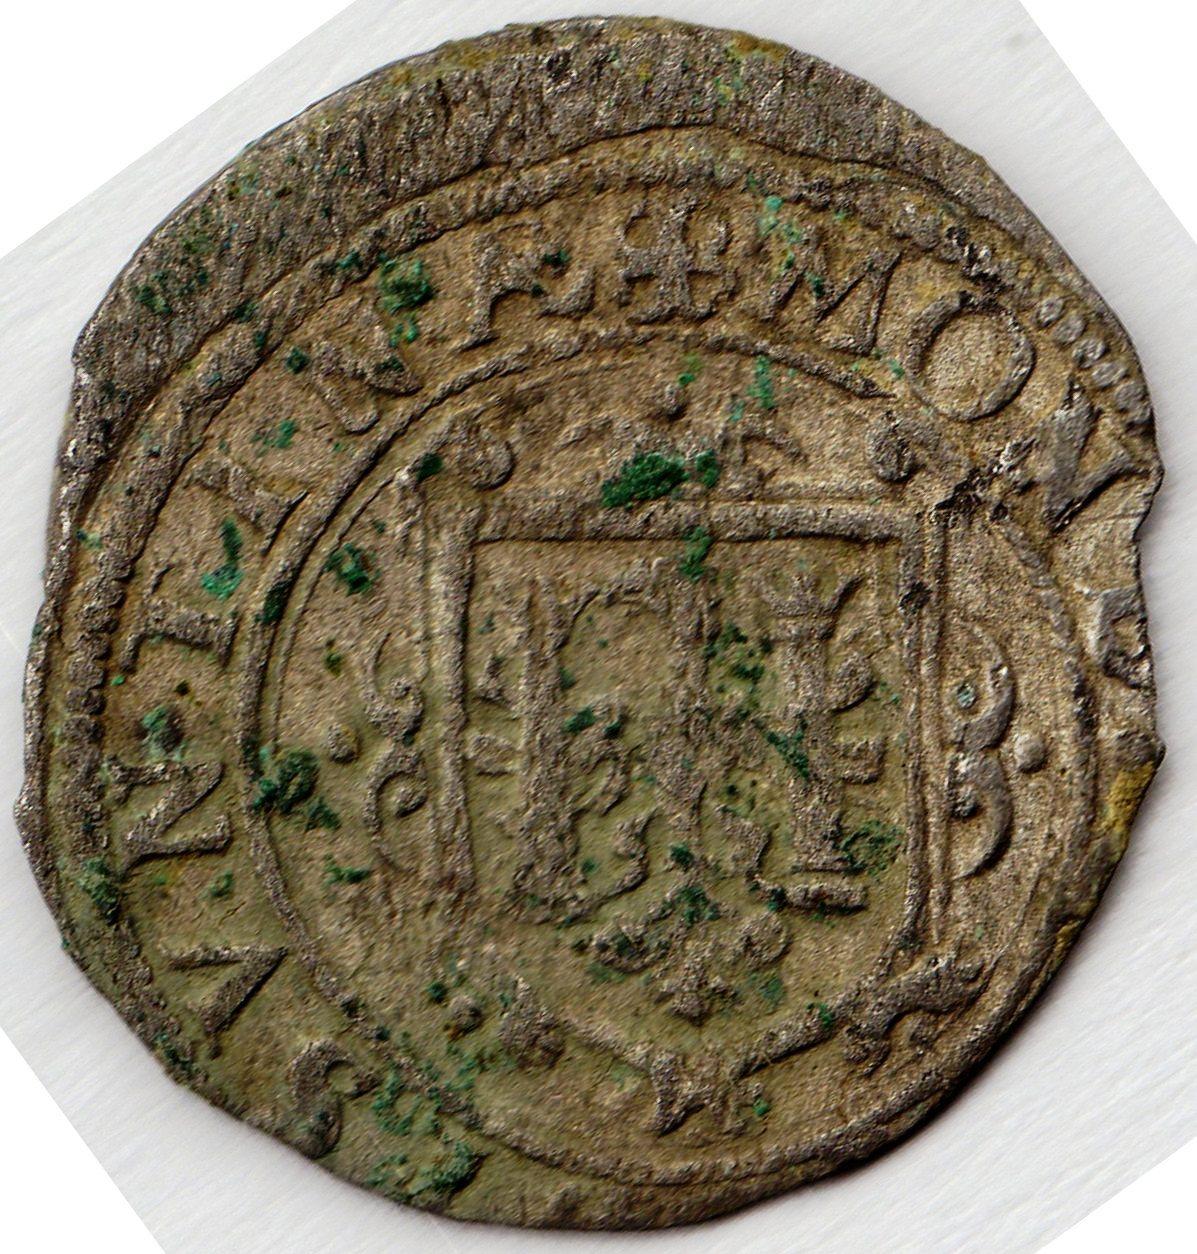 Limpiar monedas? 331ow9z